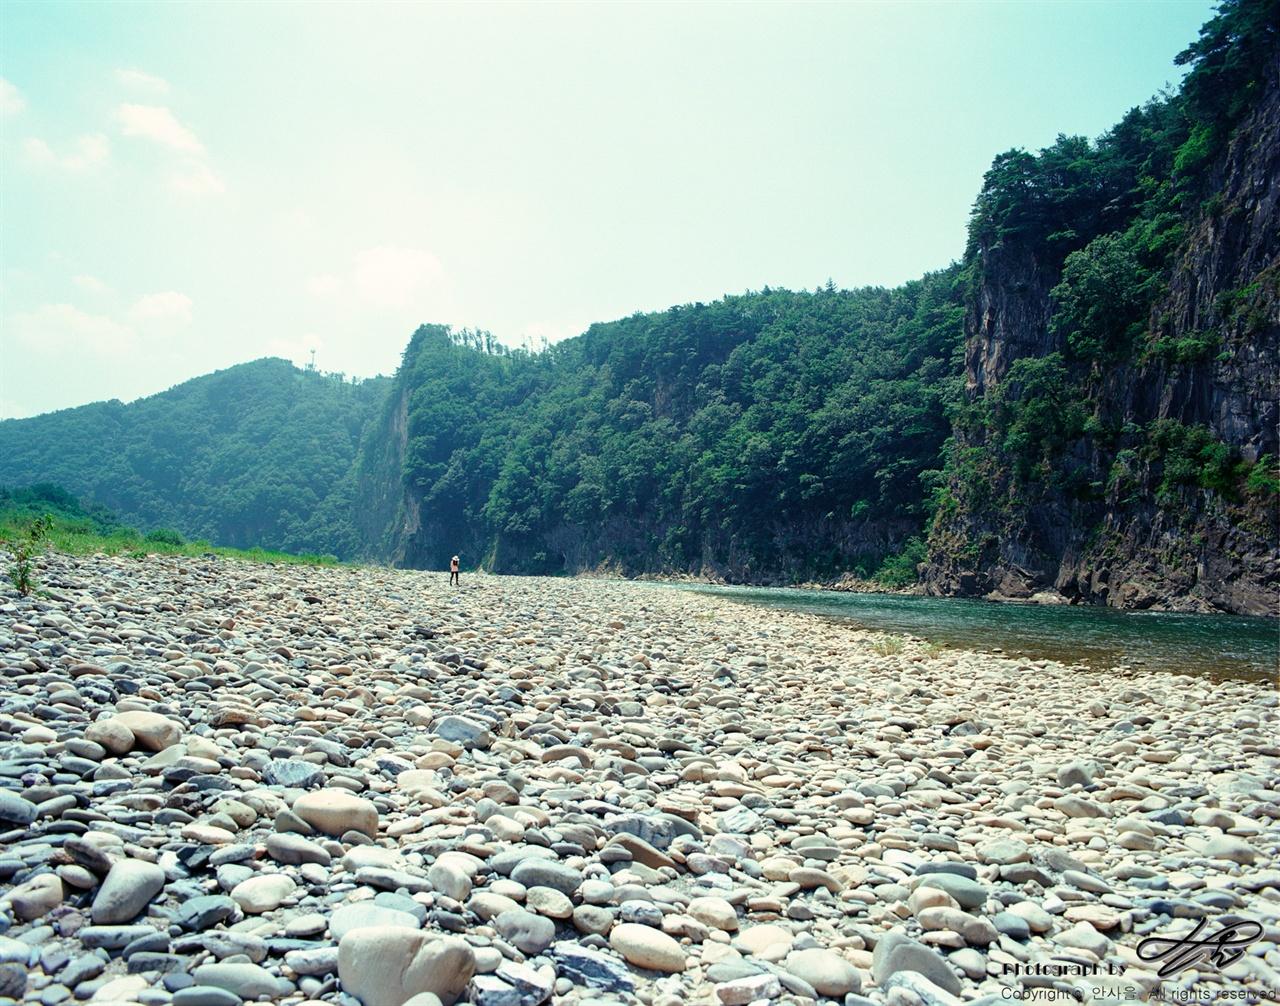 강과 돌밭 (6*7중형/Ektar100)동행인이 광할한 돌밭을 걸어오고 있다. 사람의 크기로 미루어 풍경의 규모를 짐작할 수 있다.